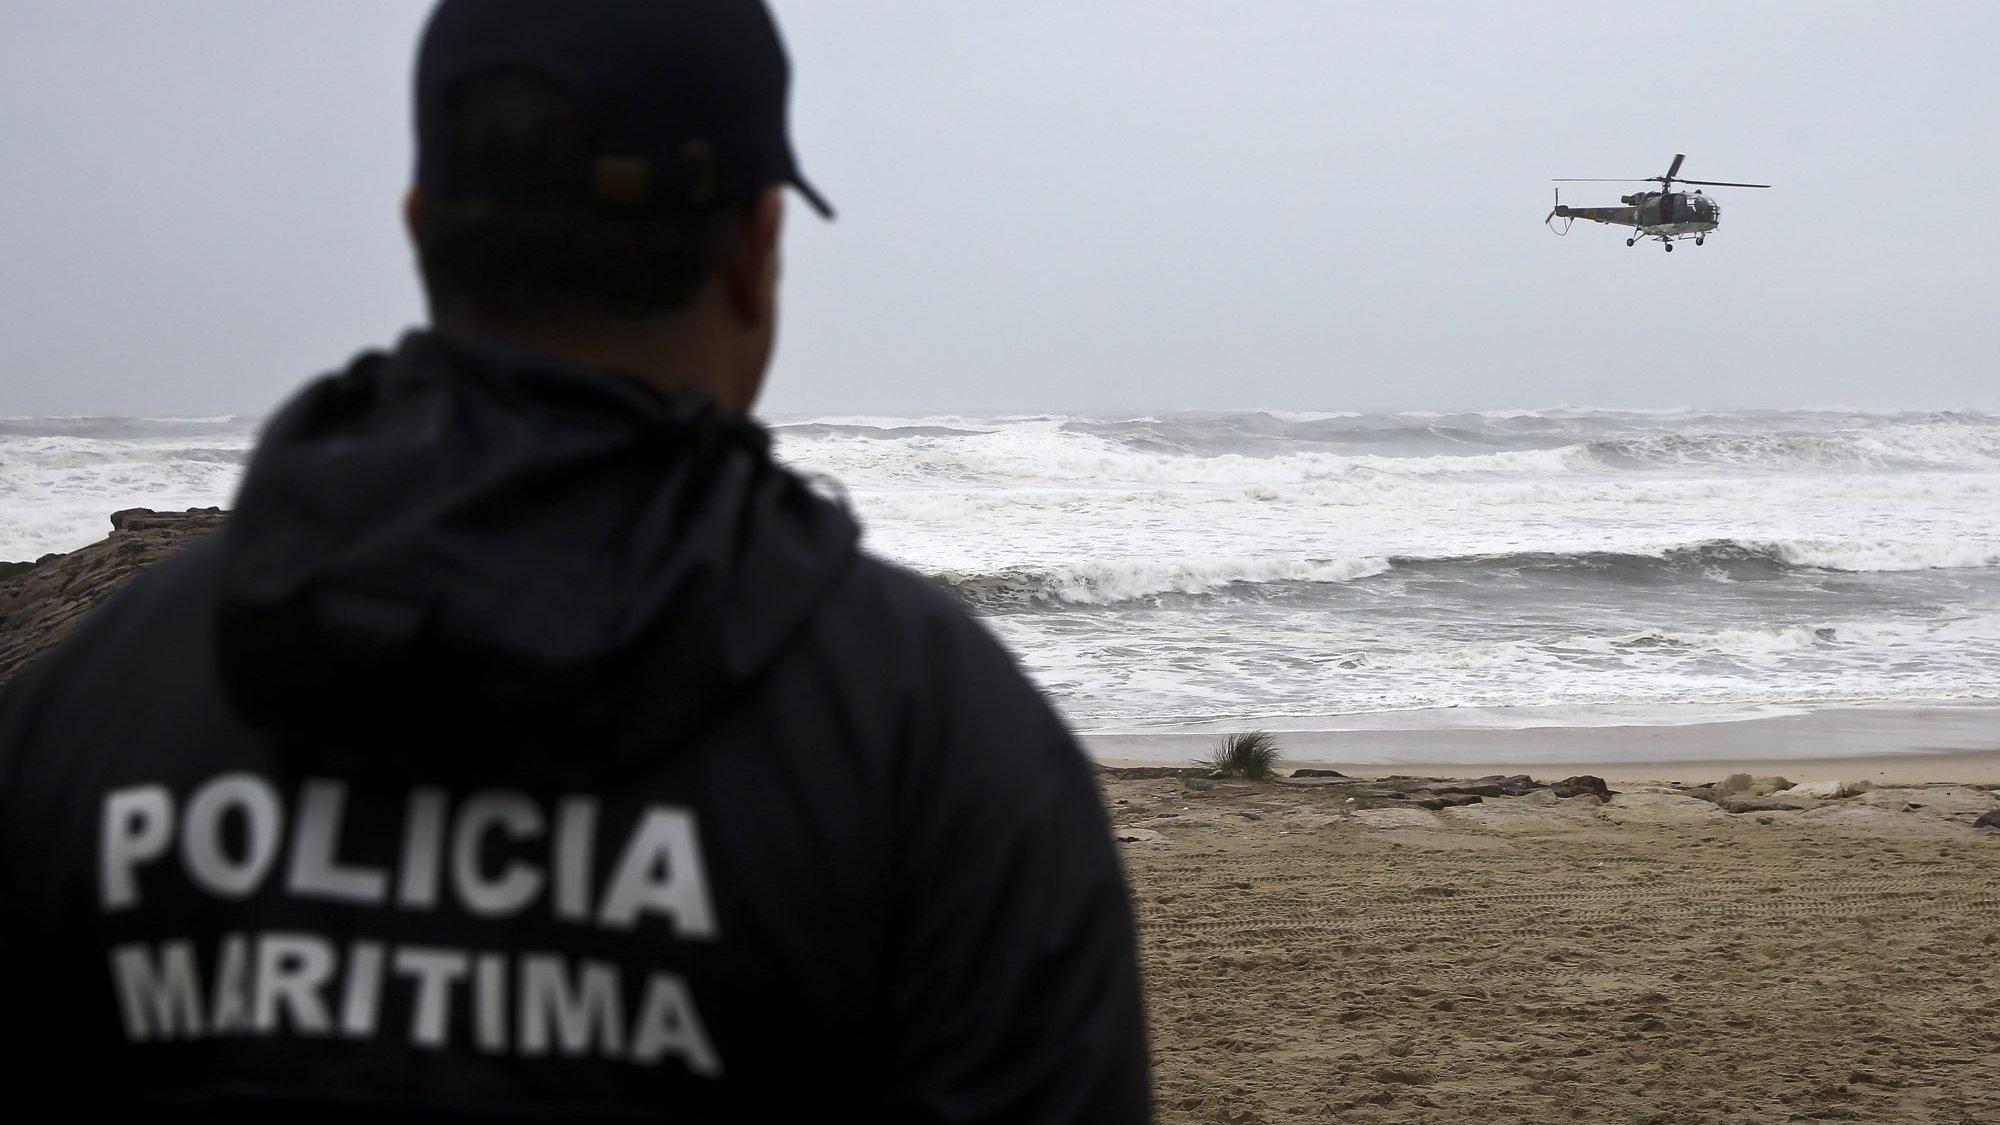 Um elemento da Polícia Marítima observa um helicóptero da Força Aérea